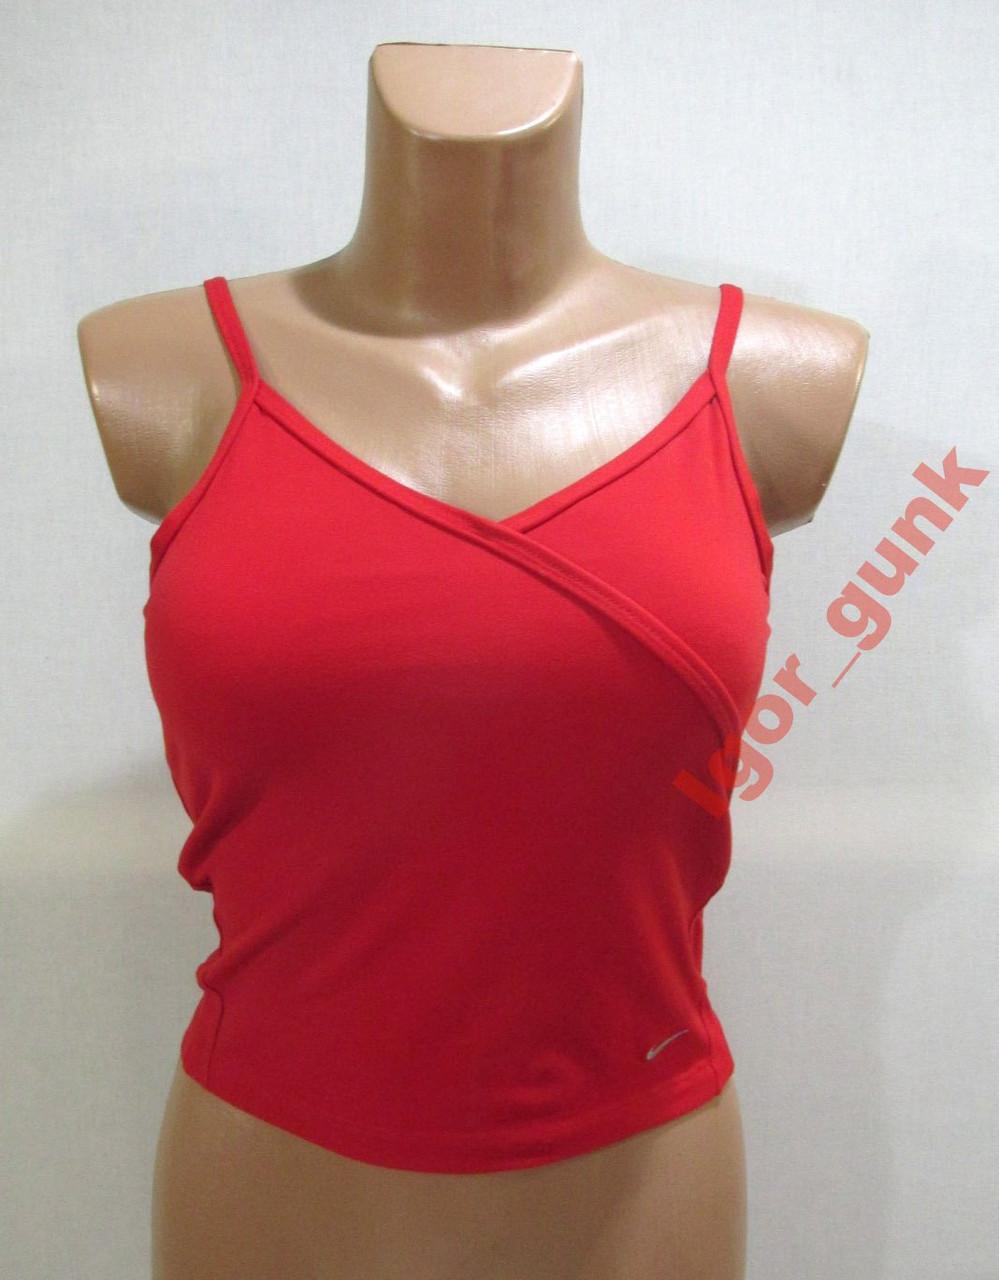 51079264 Топик спортивный NIKE, S, ОРИГИНАЛ! - EURO TOP - брендовая, эксклюзивная  одежда